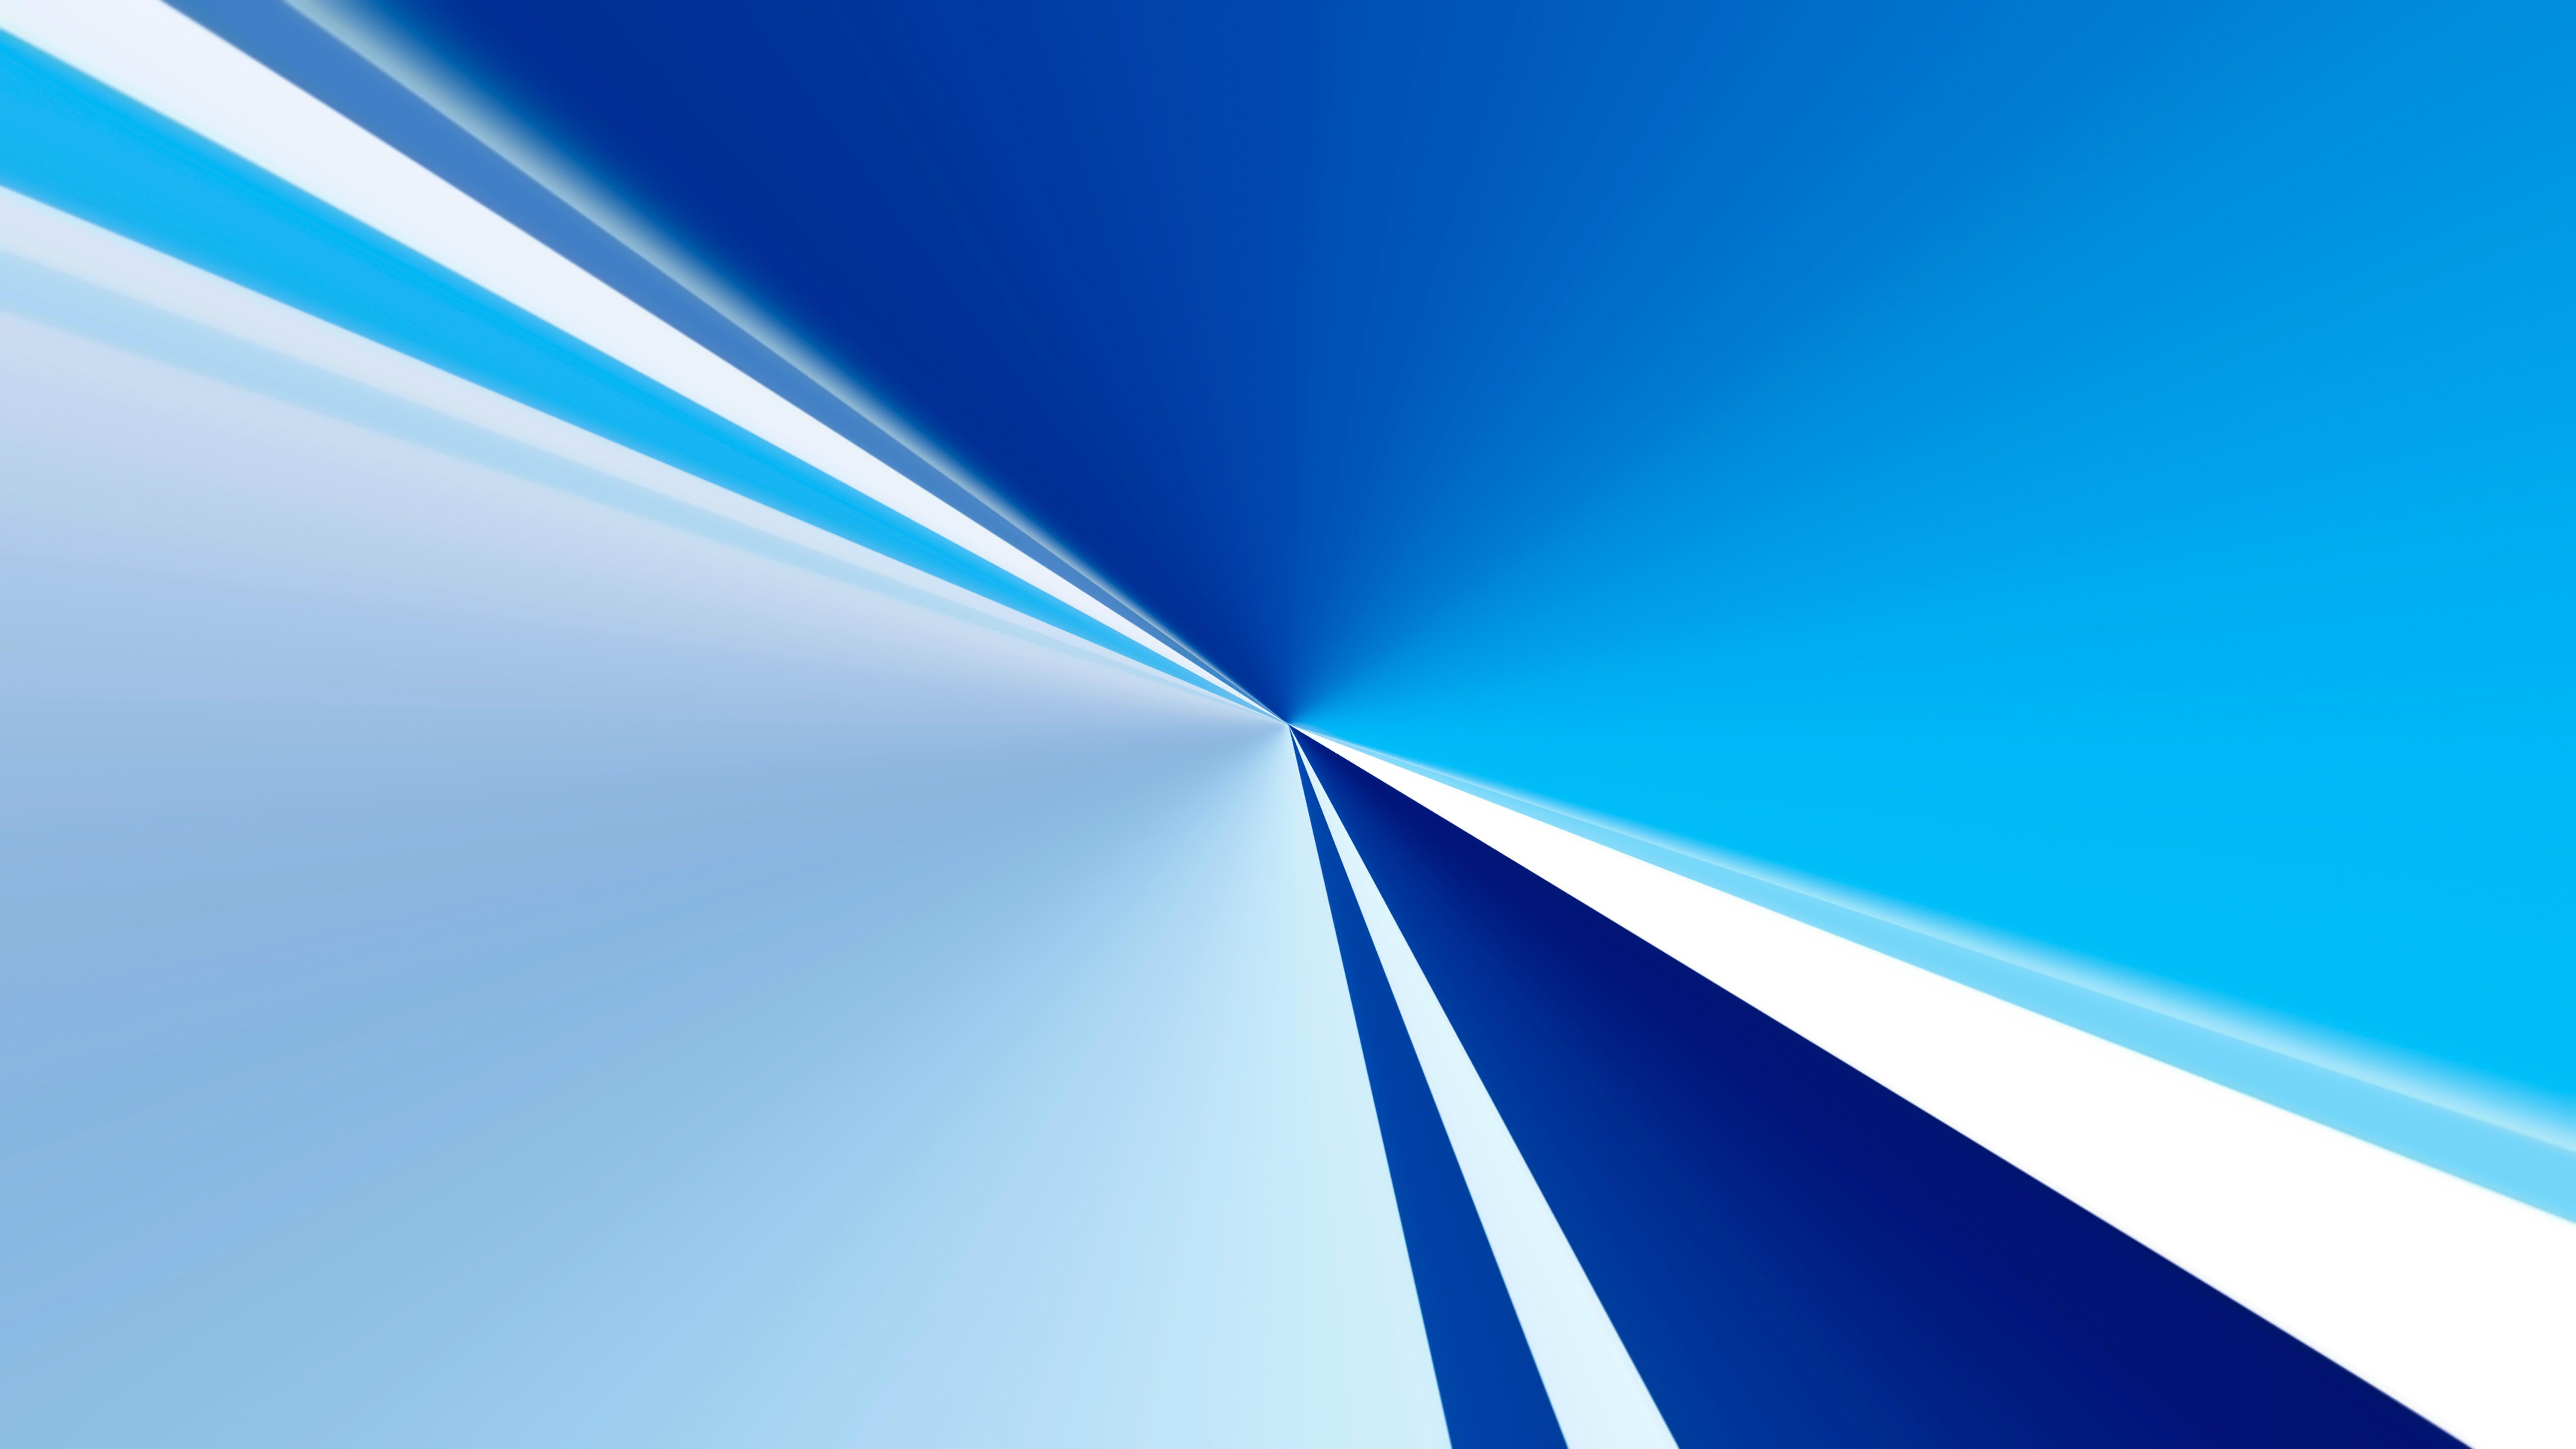 Fondos de pantalla Luces azules en figuras geometricas